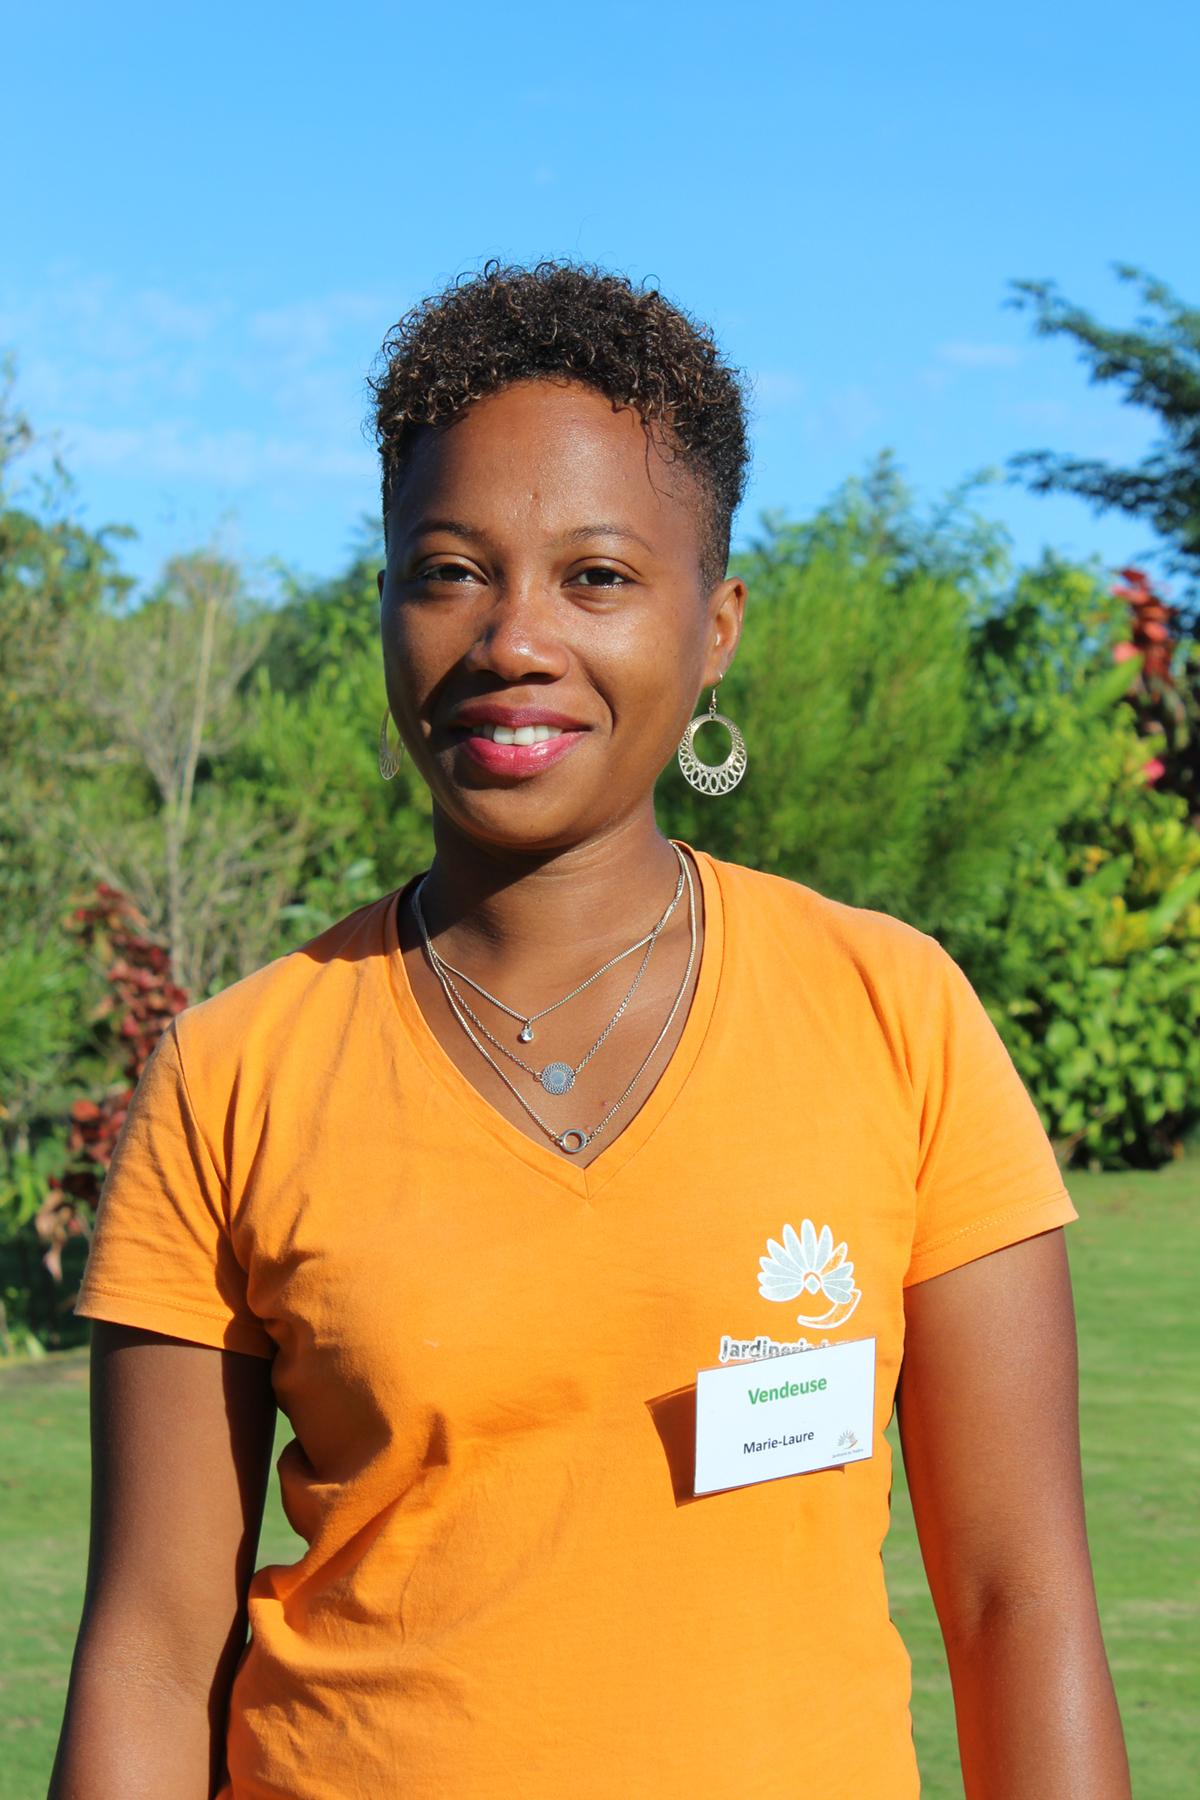 Marie-Laure Conseillère en végétal